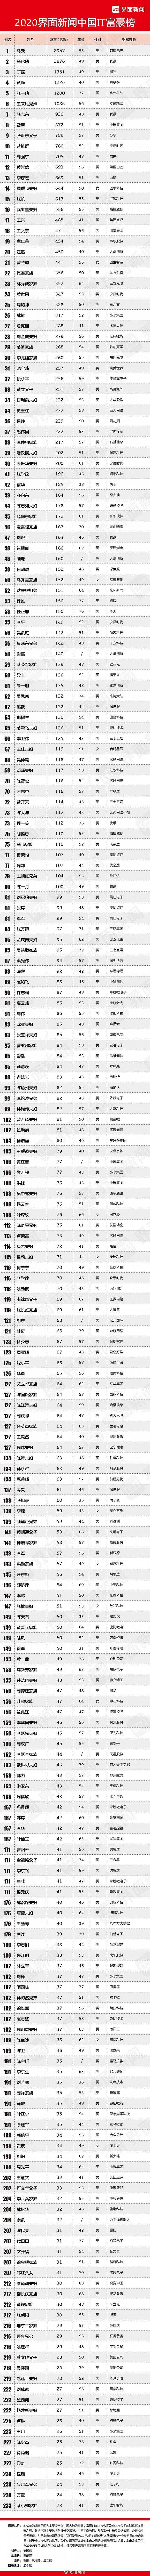 2020中国IT富豪榜:马云、马化腾、丁磊位列前三